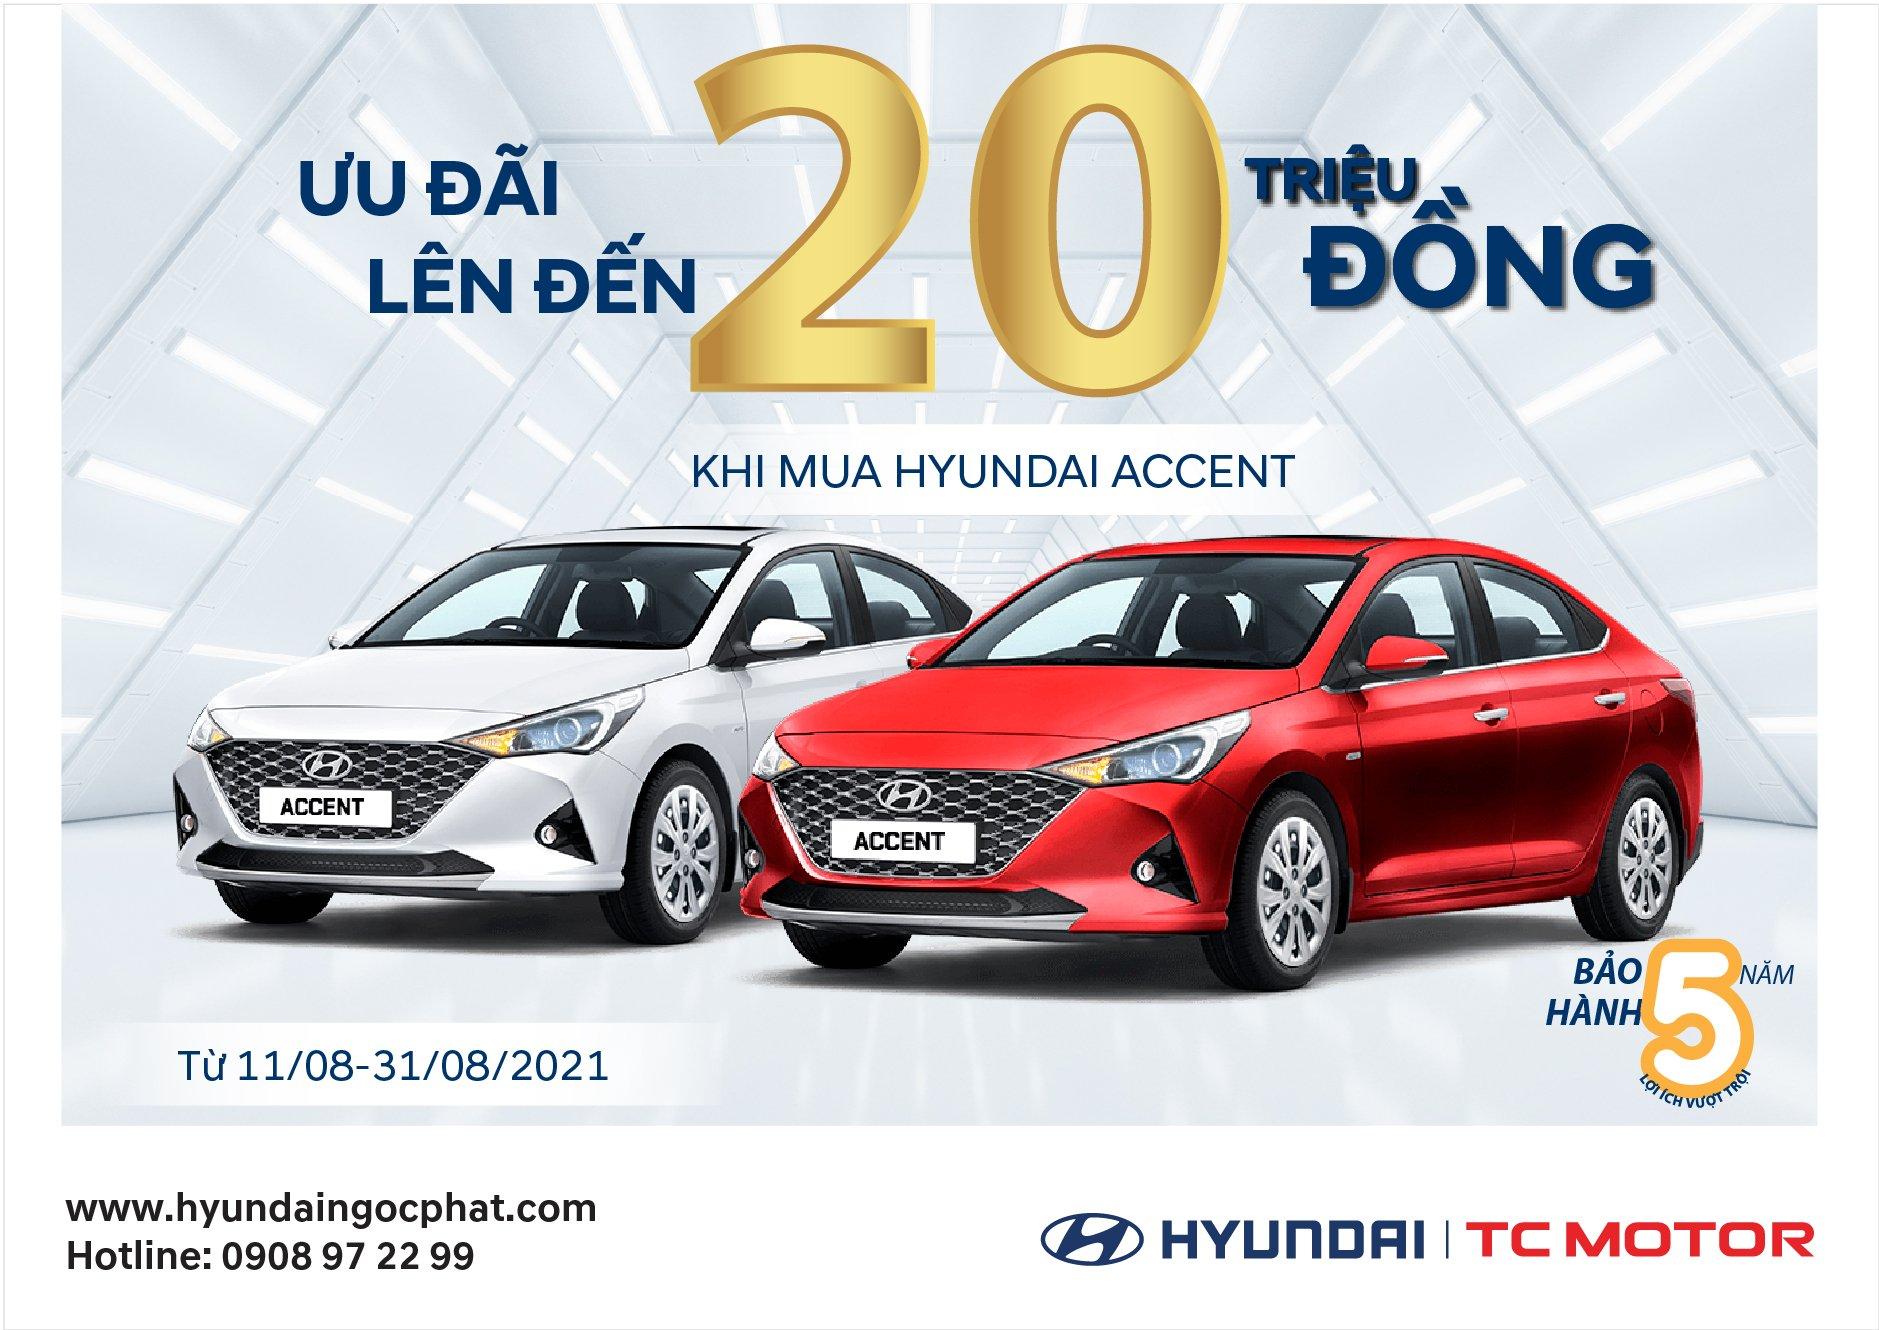 HYUNDAI ACCENT 2021 - mẫu Sedan được ưa chuộng nhất thị trường Việt Nam Ưu đãi giảm trực tiếp TIỀN MẶT lên đến 20 TRIỆU